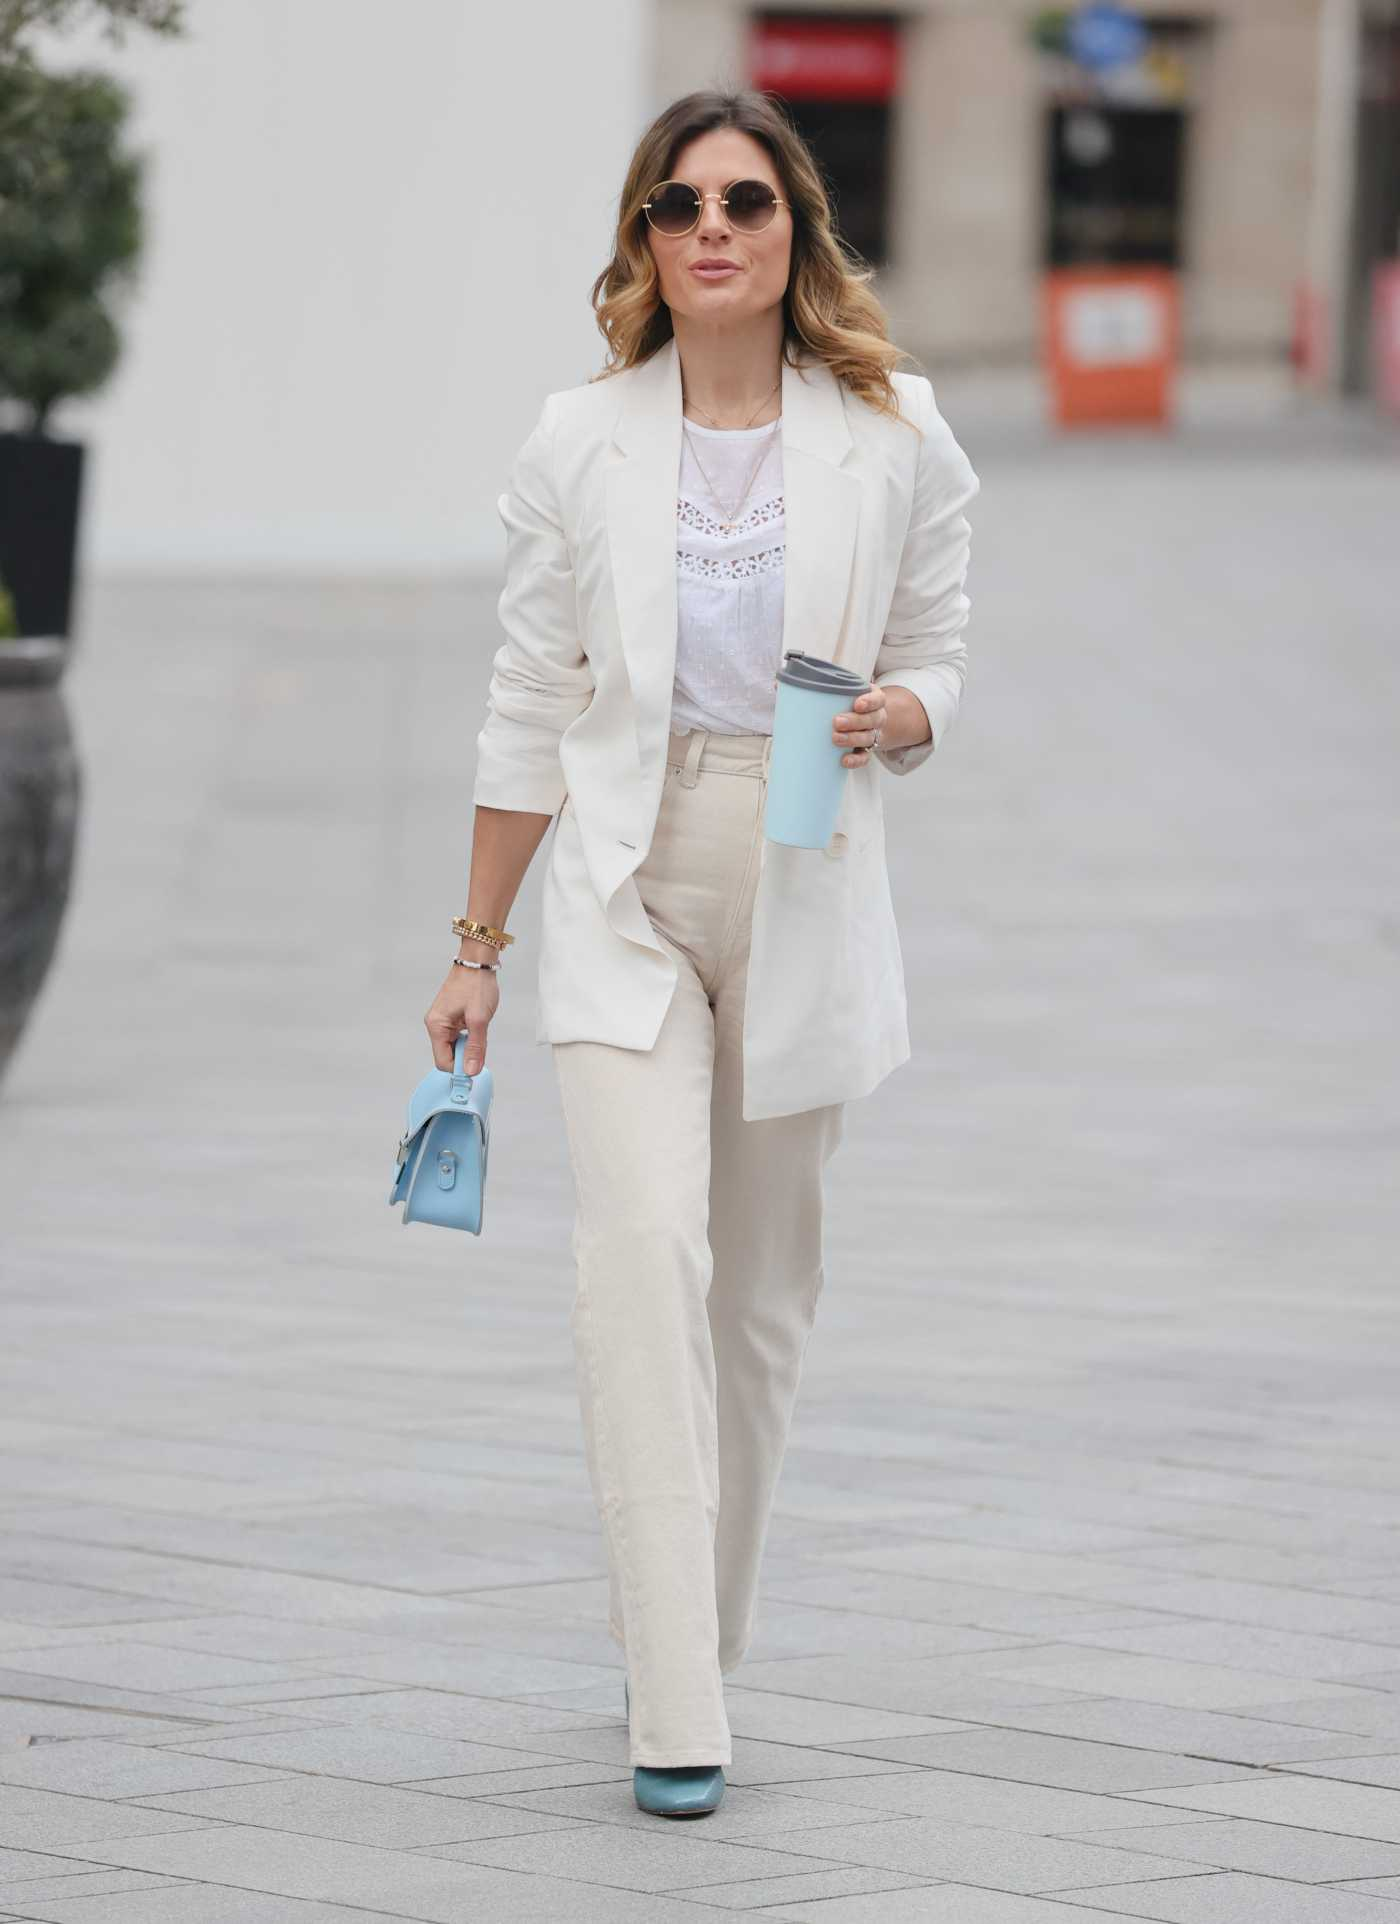 Zoe Hardman in a White Blazer Was Seen Out in London 04/04/2021